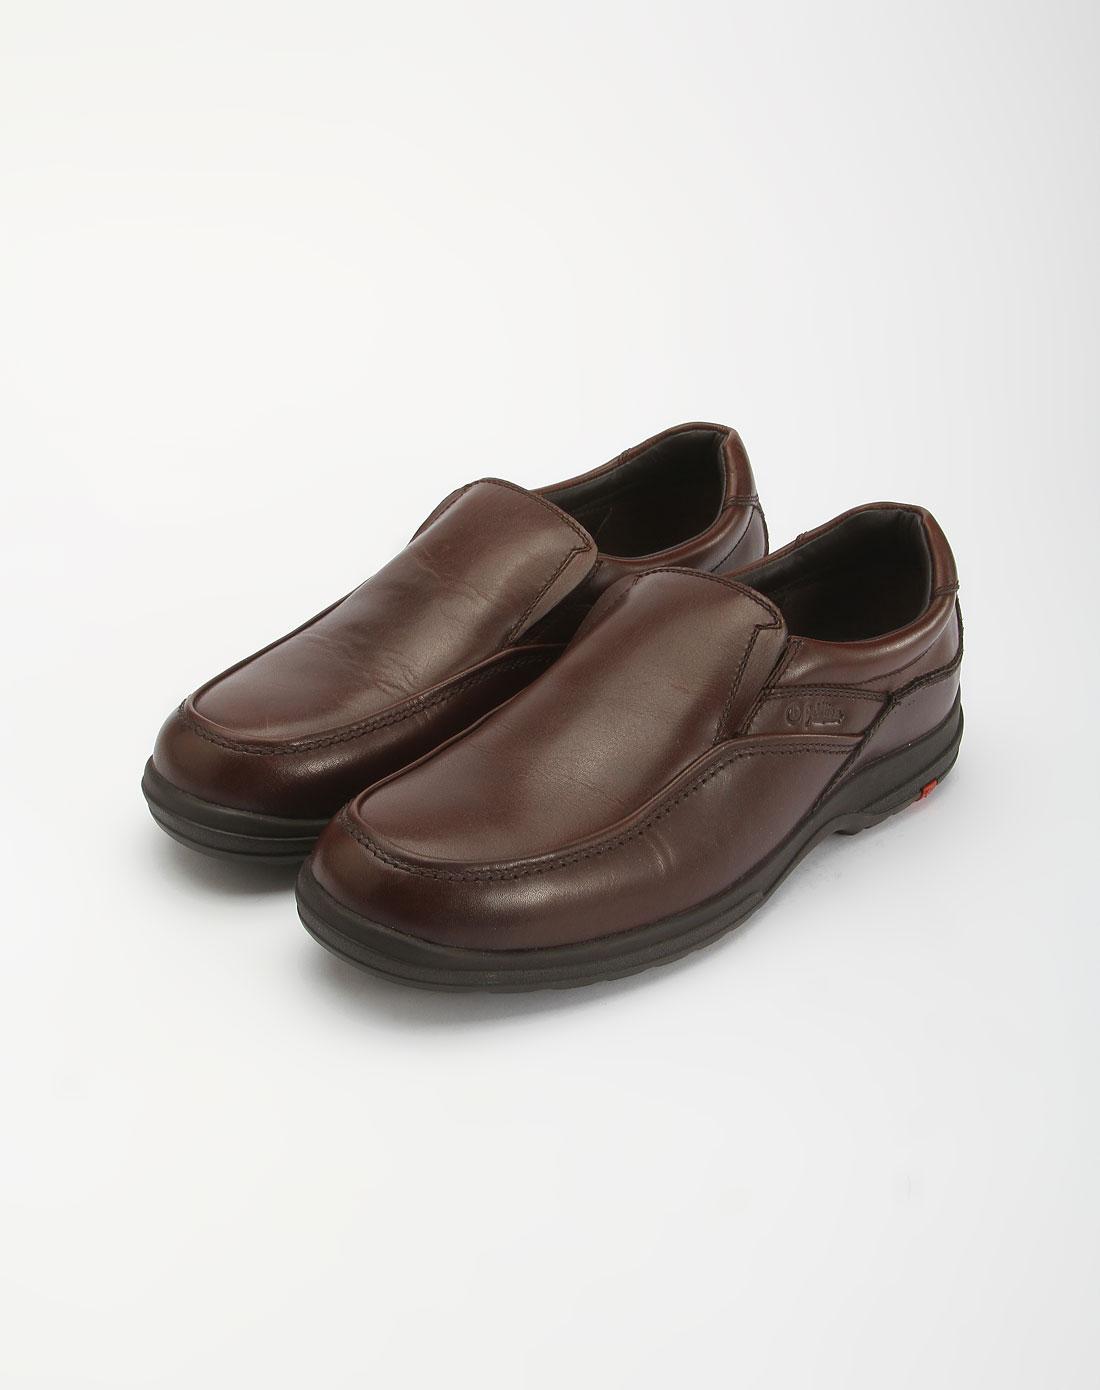 金利来休闲皮鞋_鞋包网